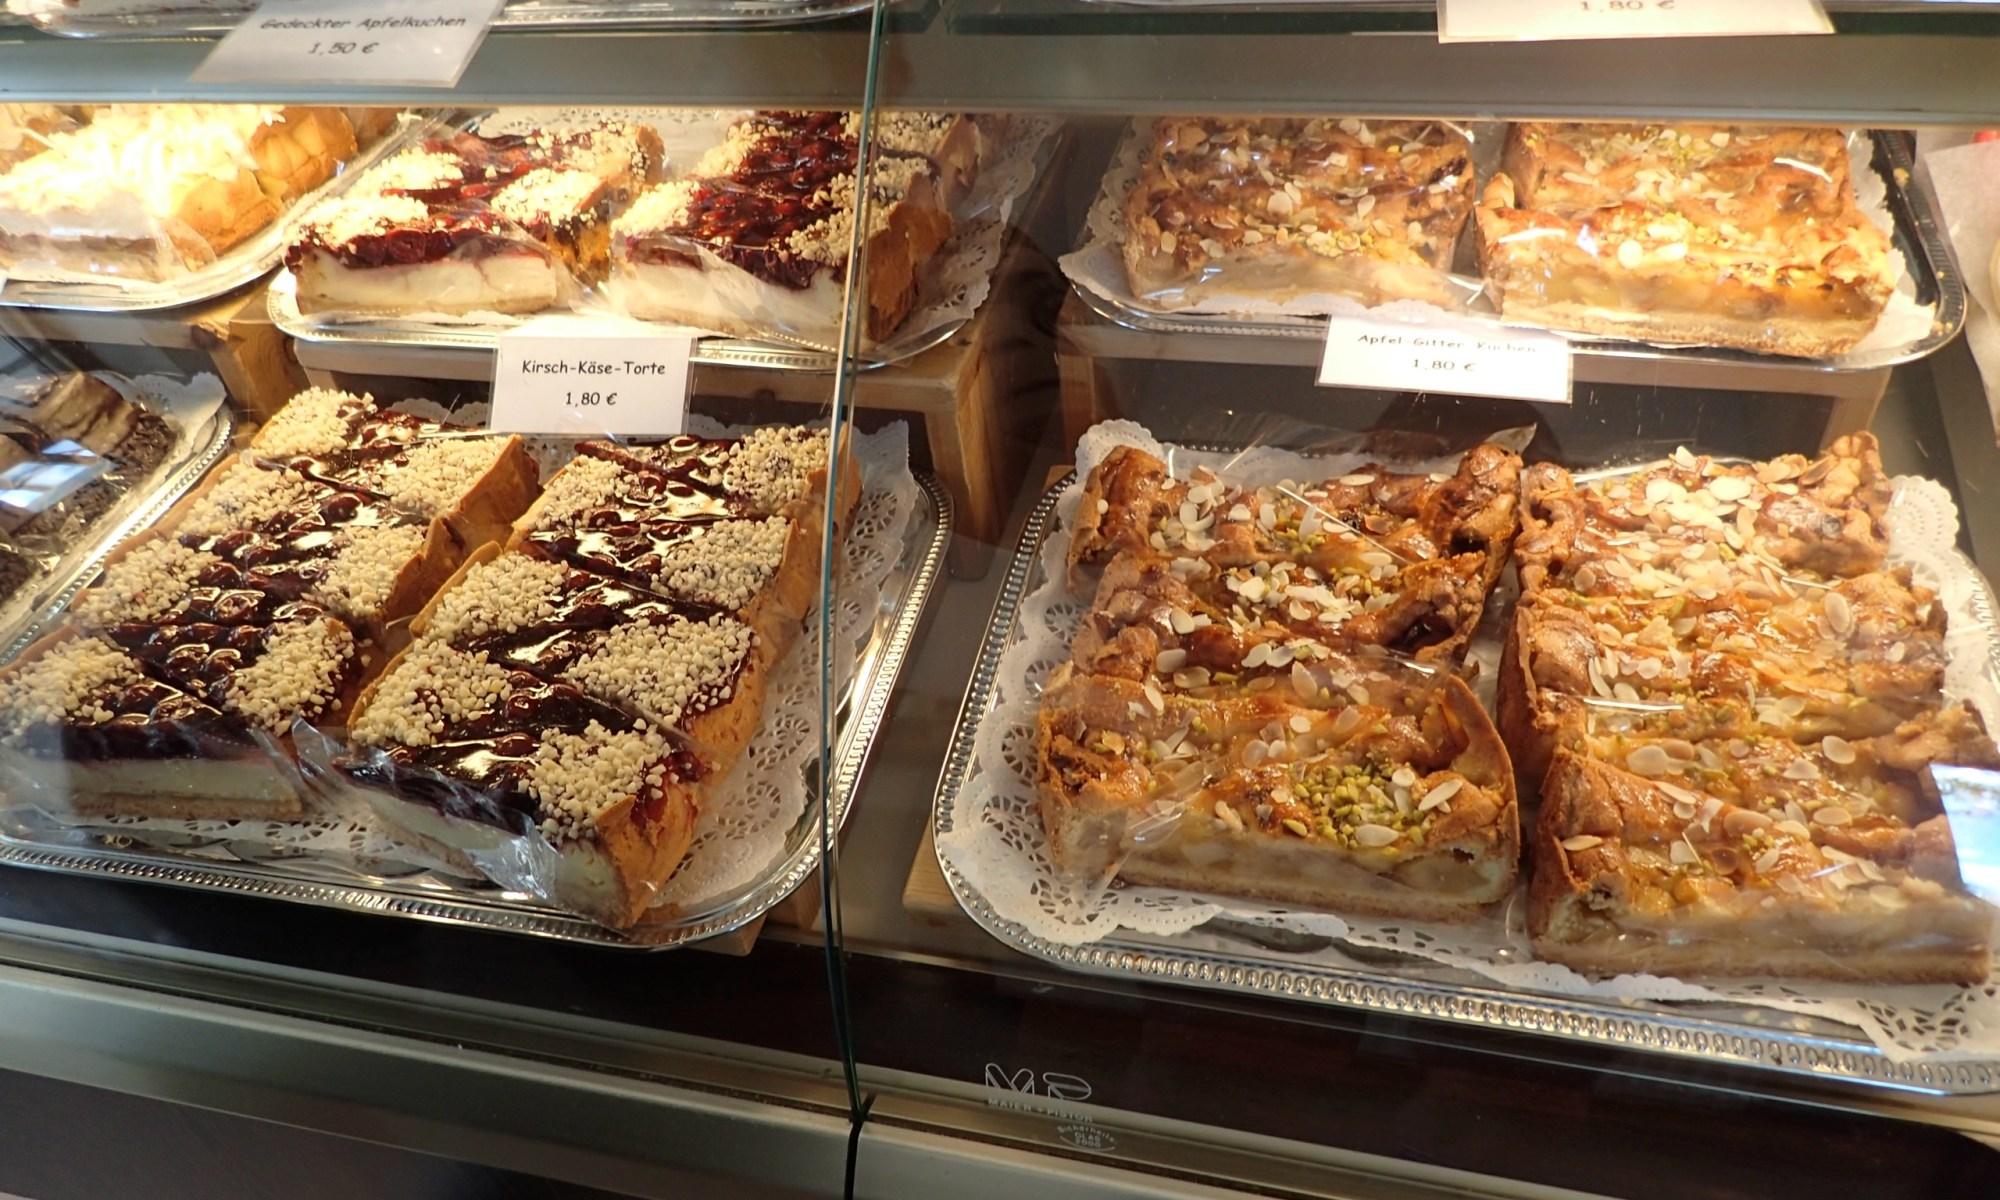 Kirsch-Käse-Kuchen und Apfel-Gitter-Kuchen - meins